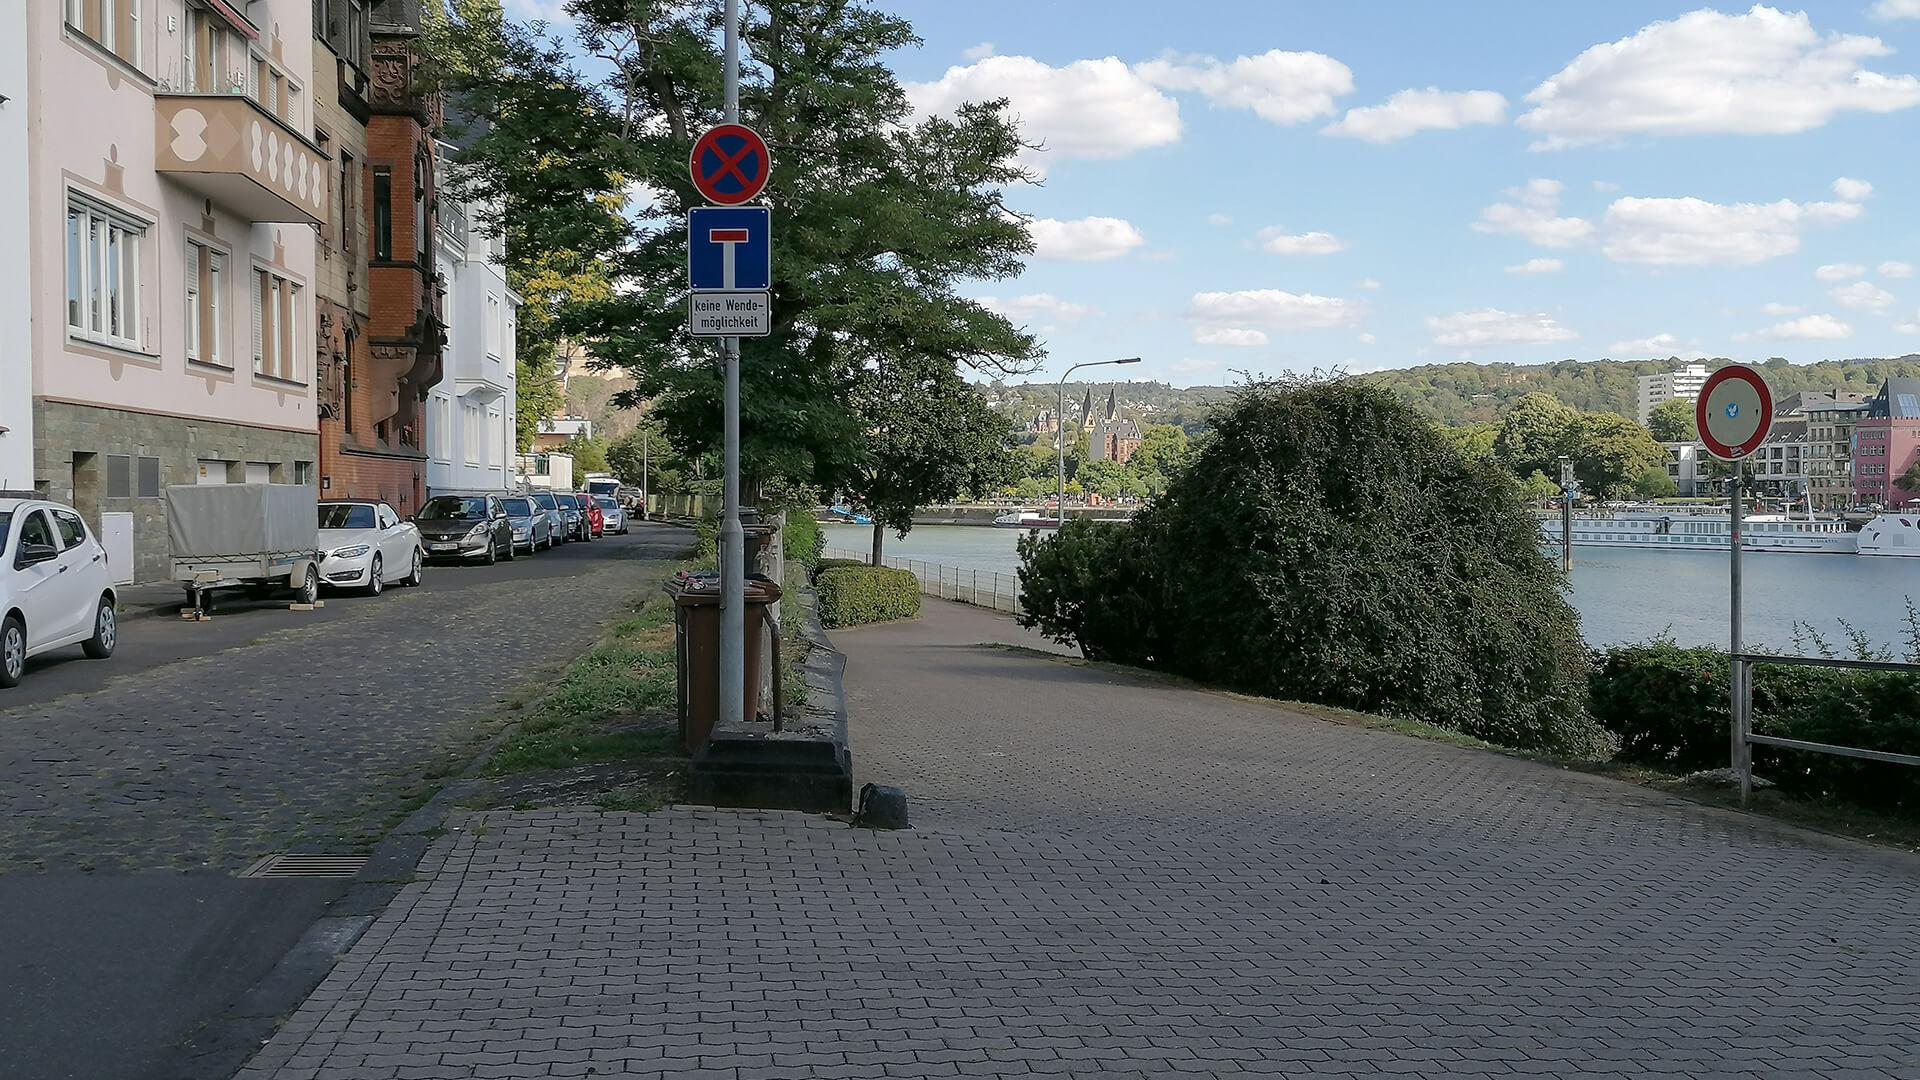 koblenz-luetzel-projekte-handlungsfelder-2-4-4a